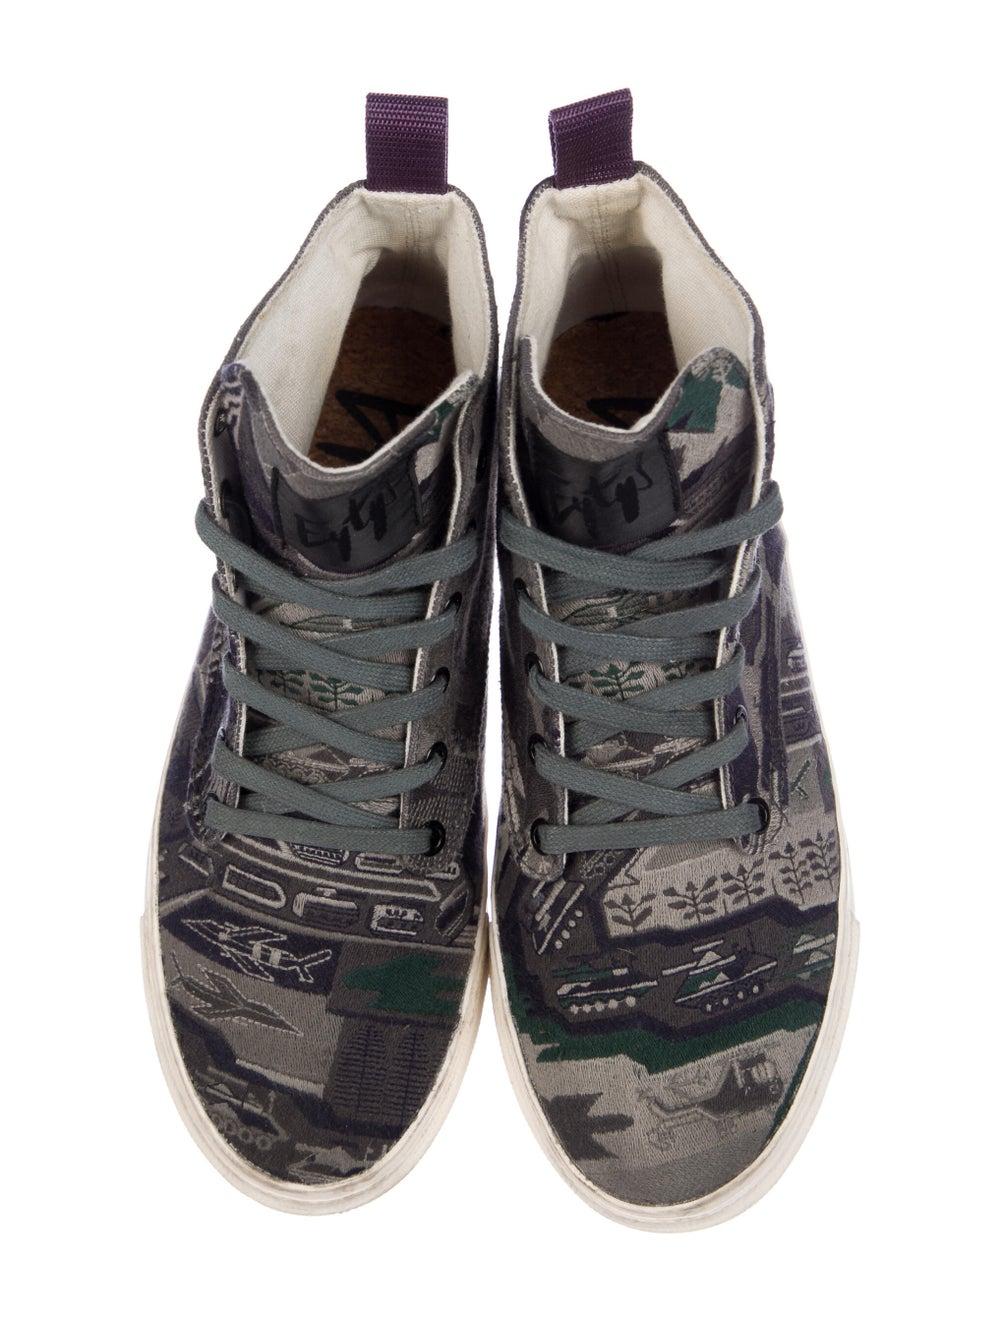 Eytys Printed Sneakers Green - image 3